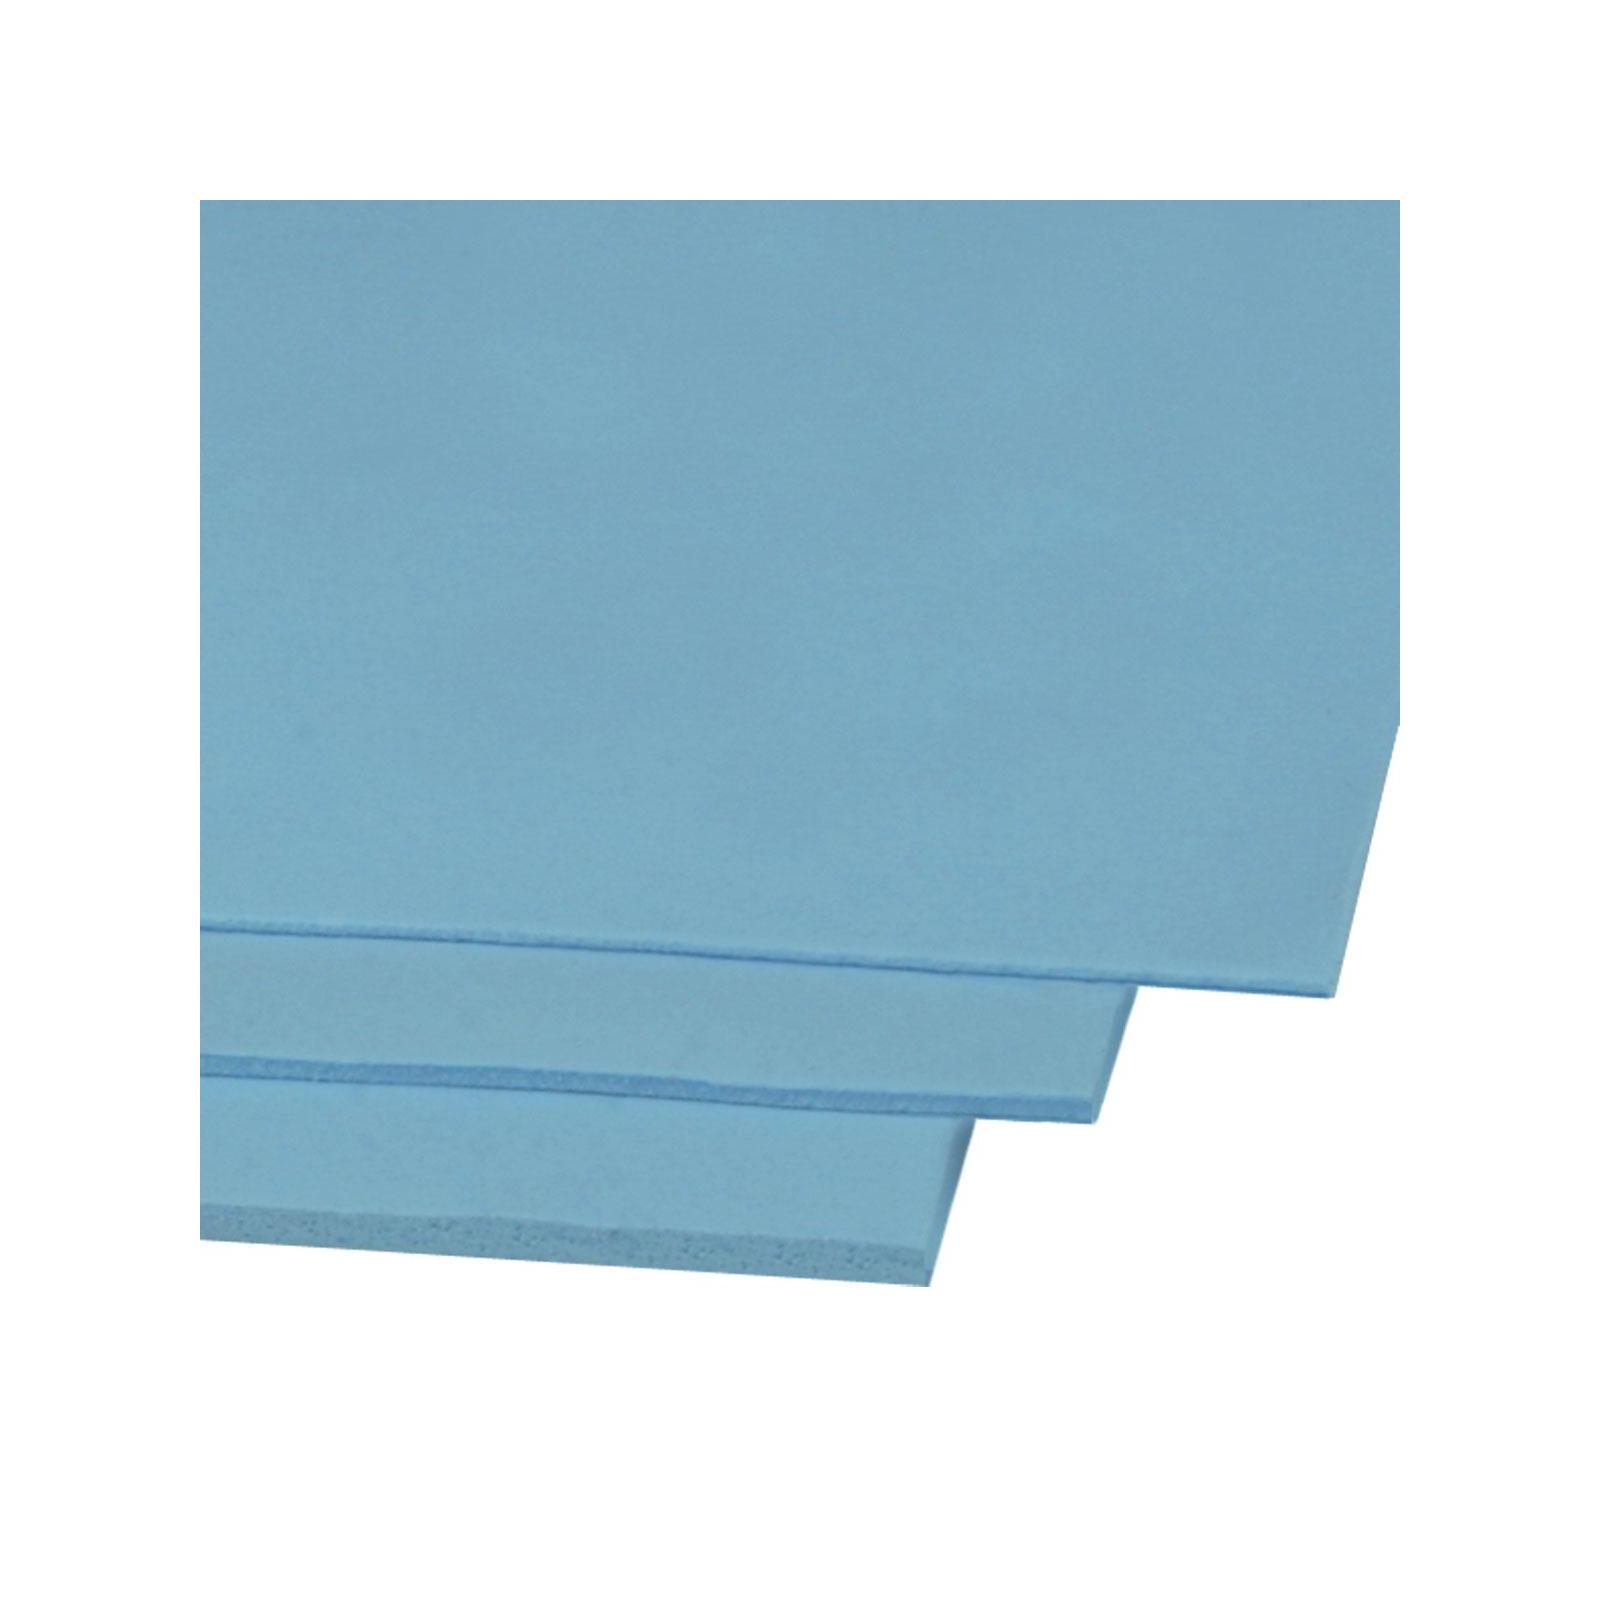 Термопрокладка Arctic Thermal pad , 145*145mm (ACTPD00004A) изображение 2